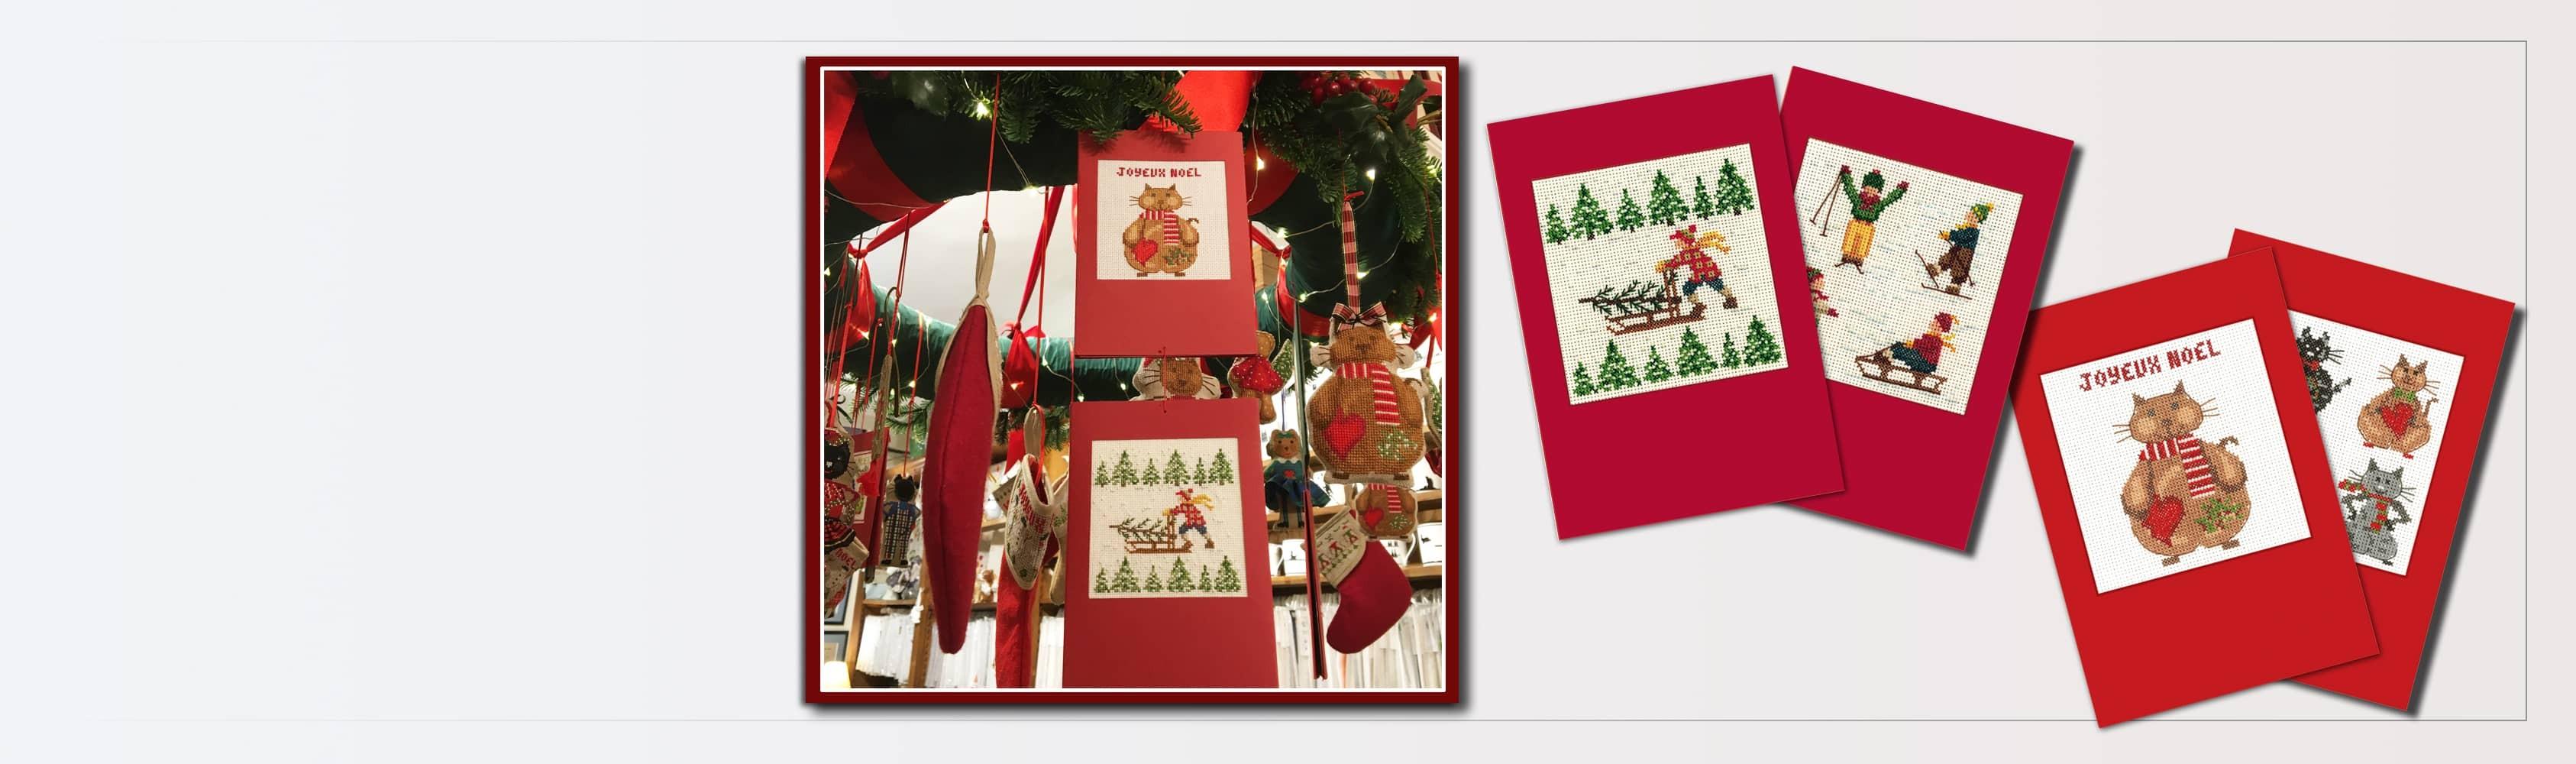 Cartes de vœux: Fêtes Fin d'Année 7035, Chats Joyesuses Fêtes 7527. Kits à broder au point de croix, sur toile Aida.